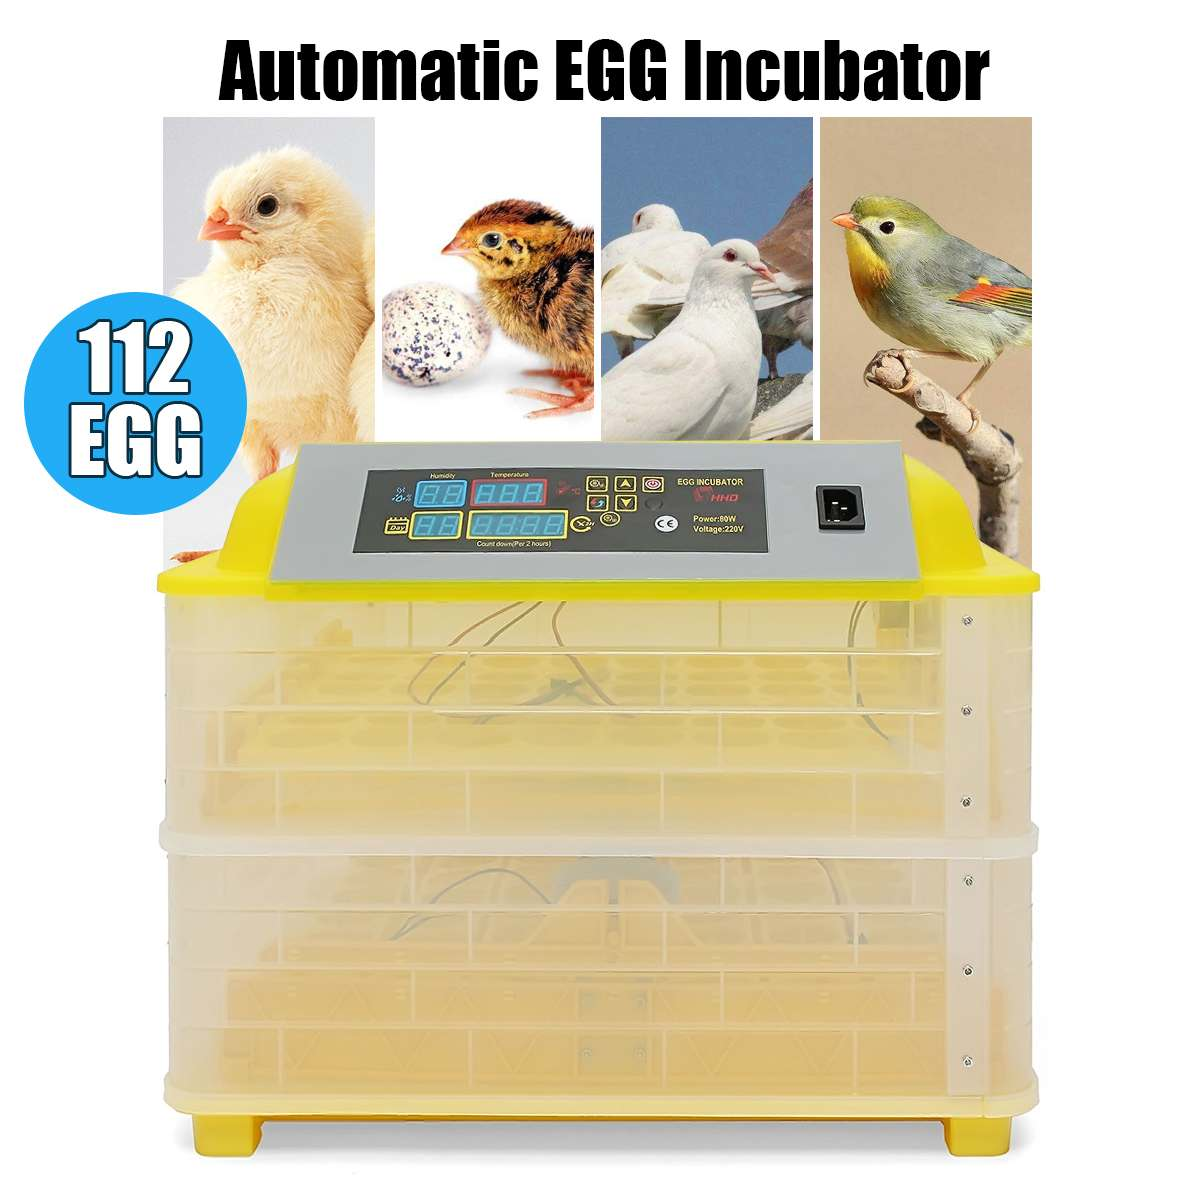 100 Вт 112 яйца электронные электронный инкубатор Хэтчер двойной слои авто инкубации курица/утка/голубиные яйца инкубатор 110 В/220 В